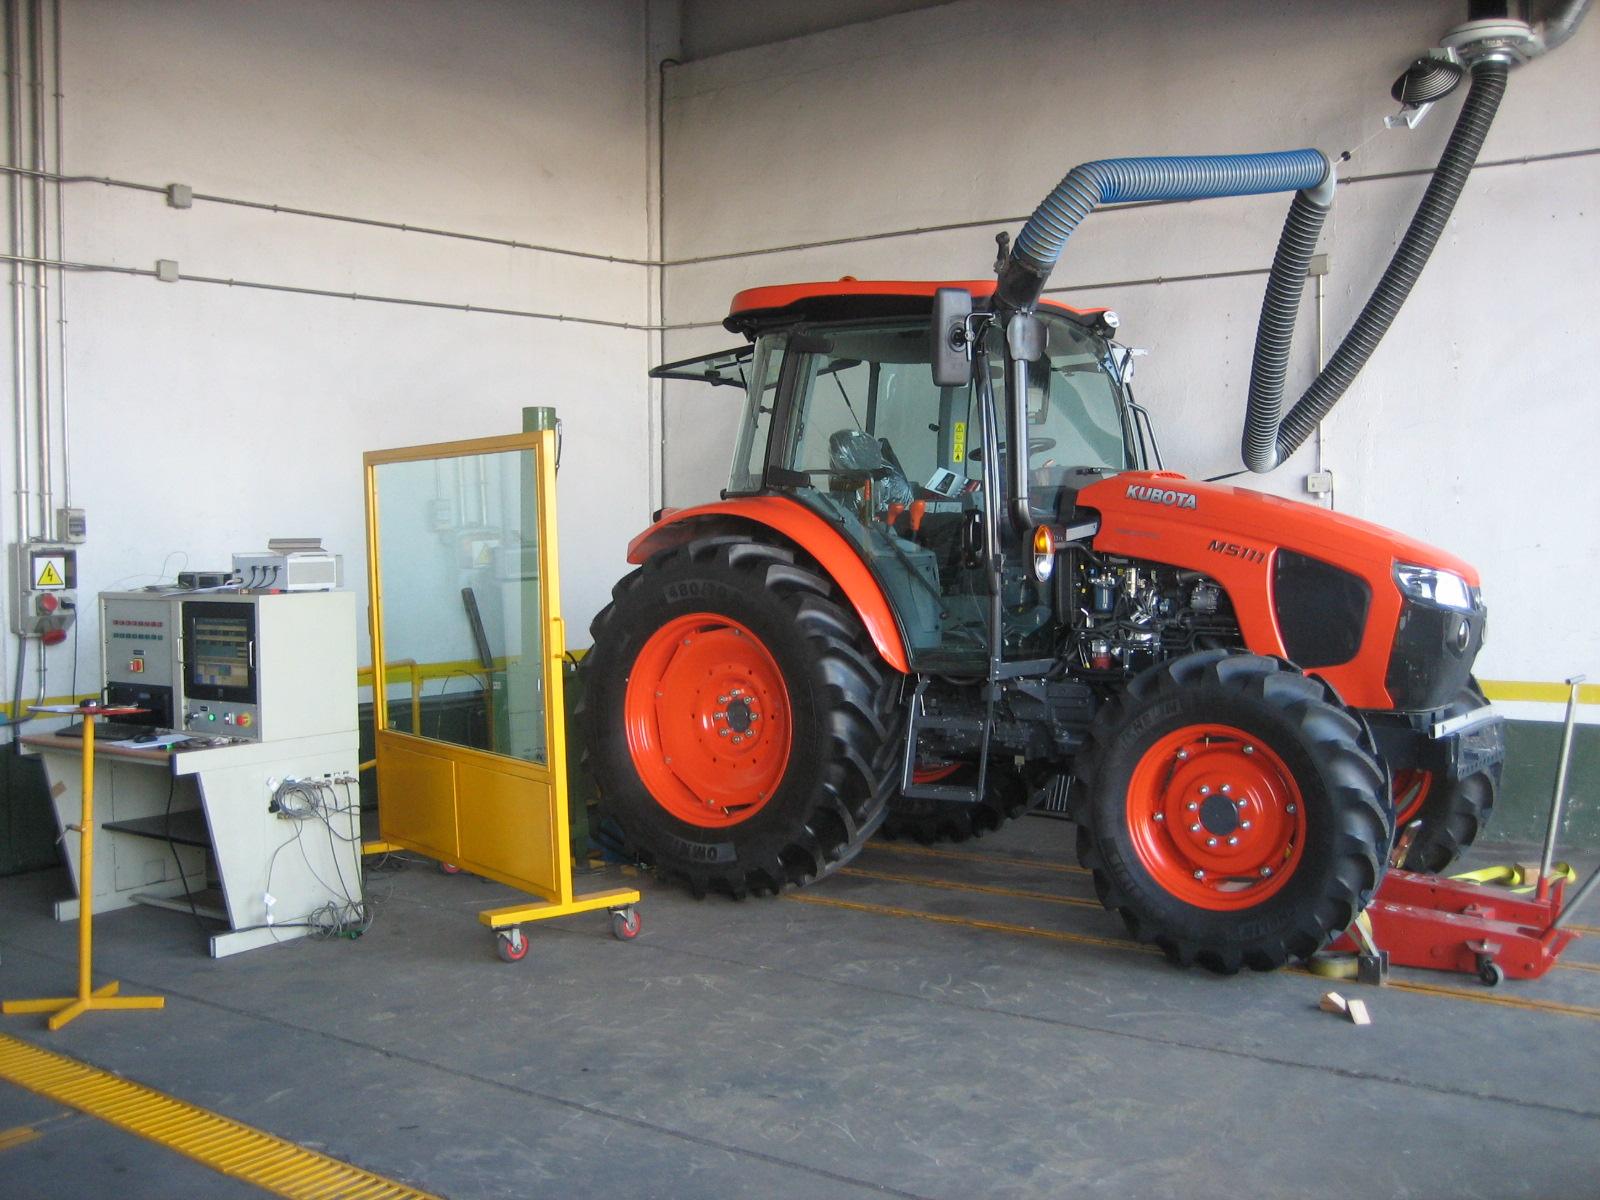 El Consejo de Ministros aprueba la normativa para la caracterización de la maquinaria agrícola y su inscripción en el Registro Oficial - 3